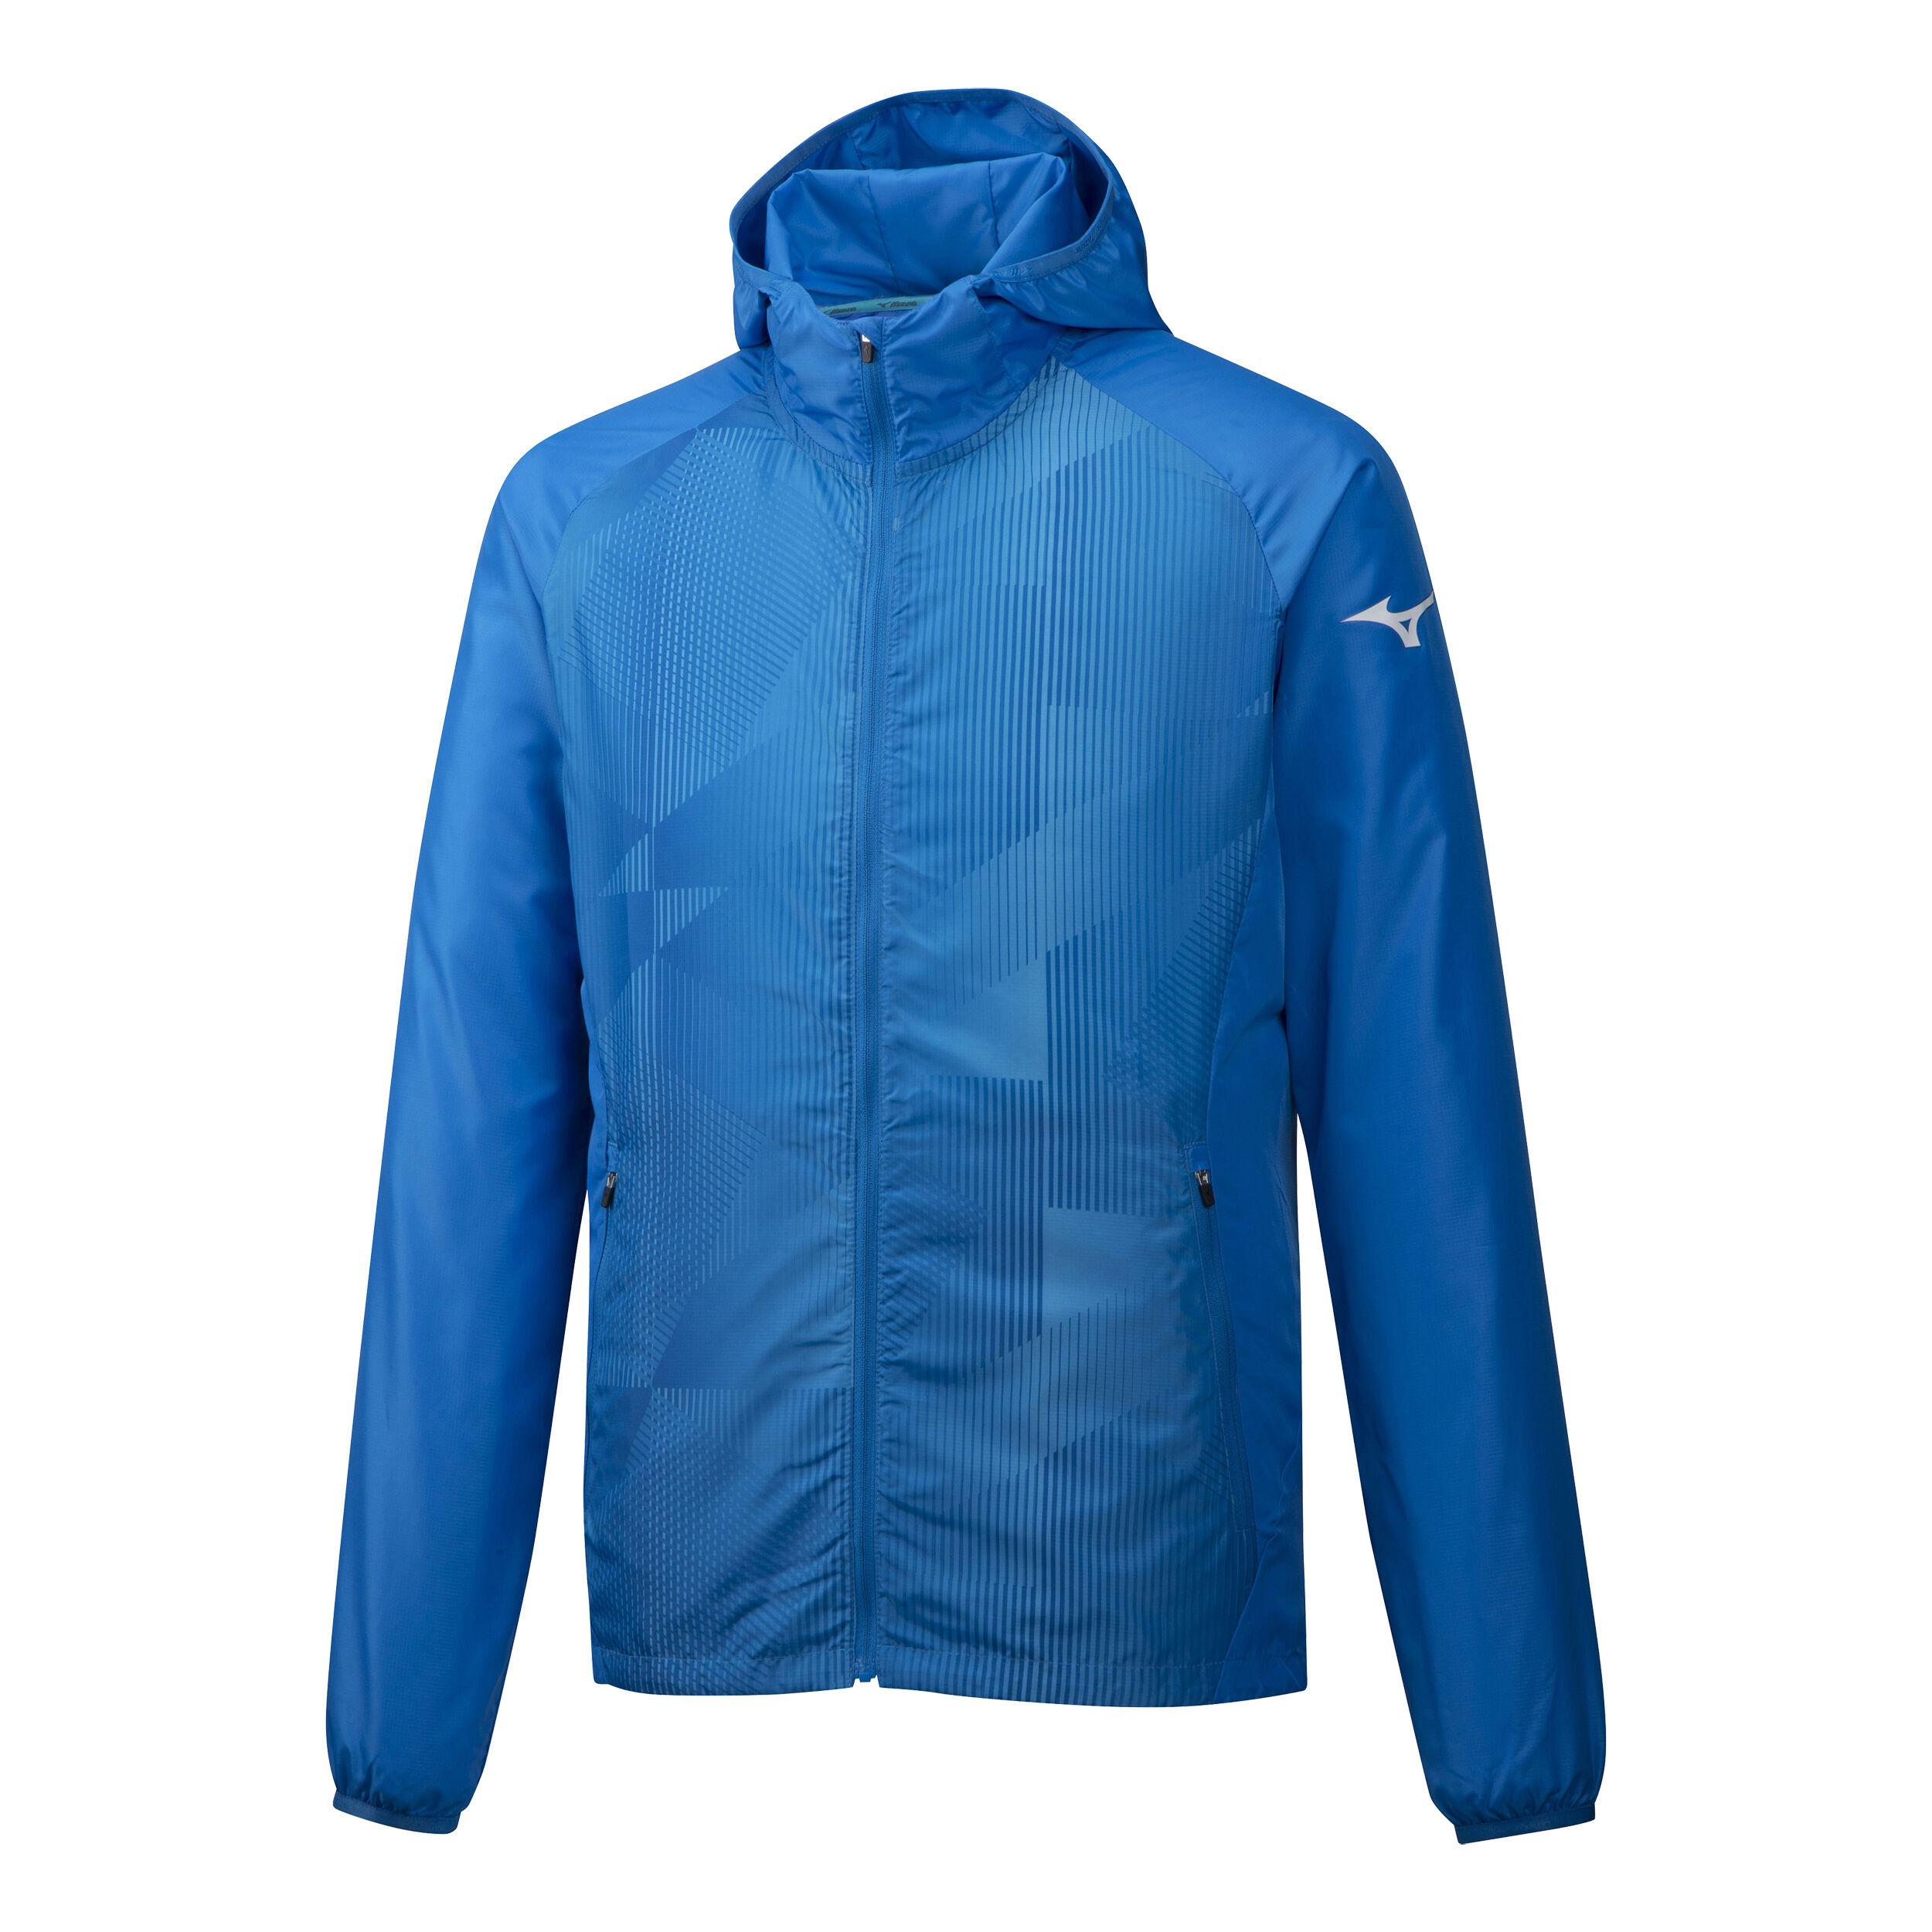 Mizuno Printed Trainingsjacke Herren Blau, Hellblau online